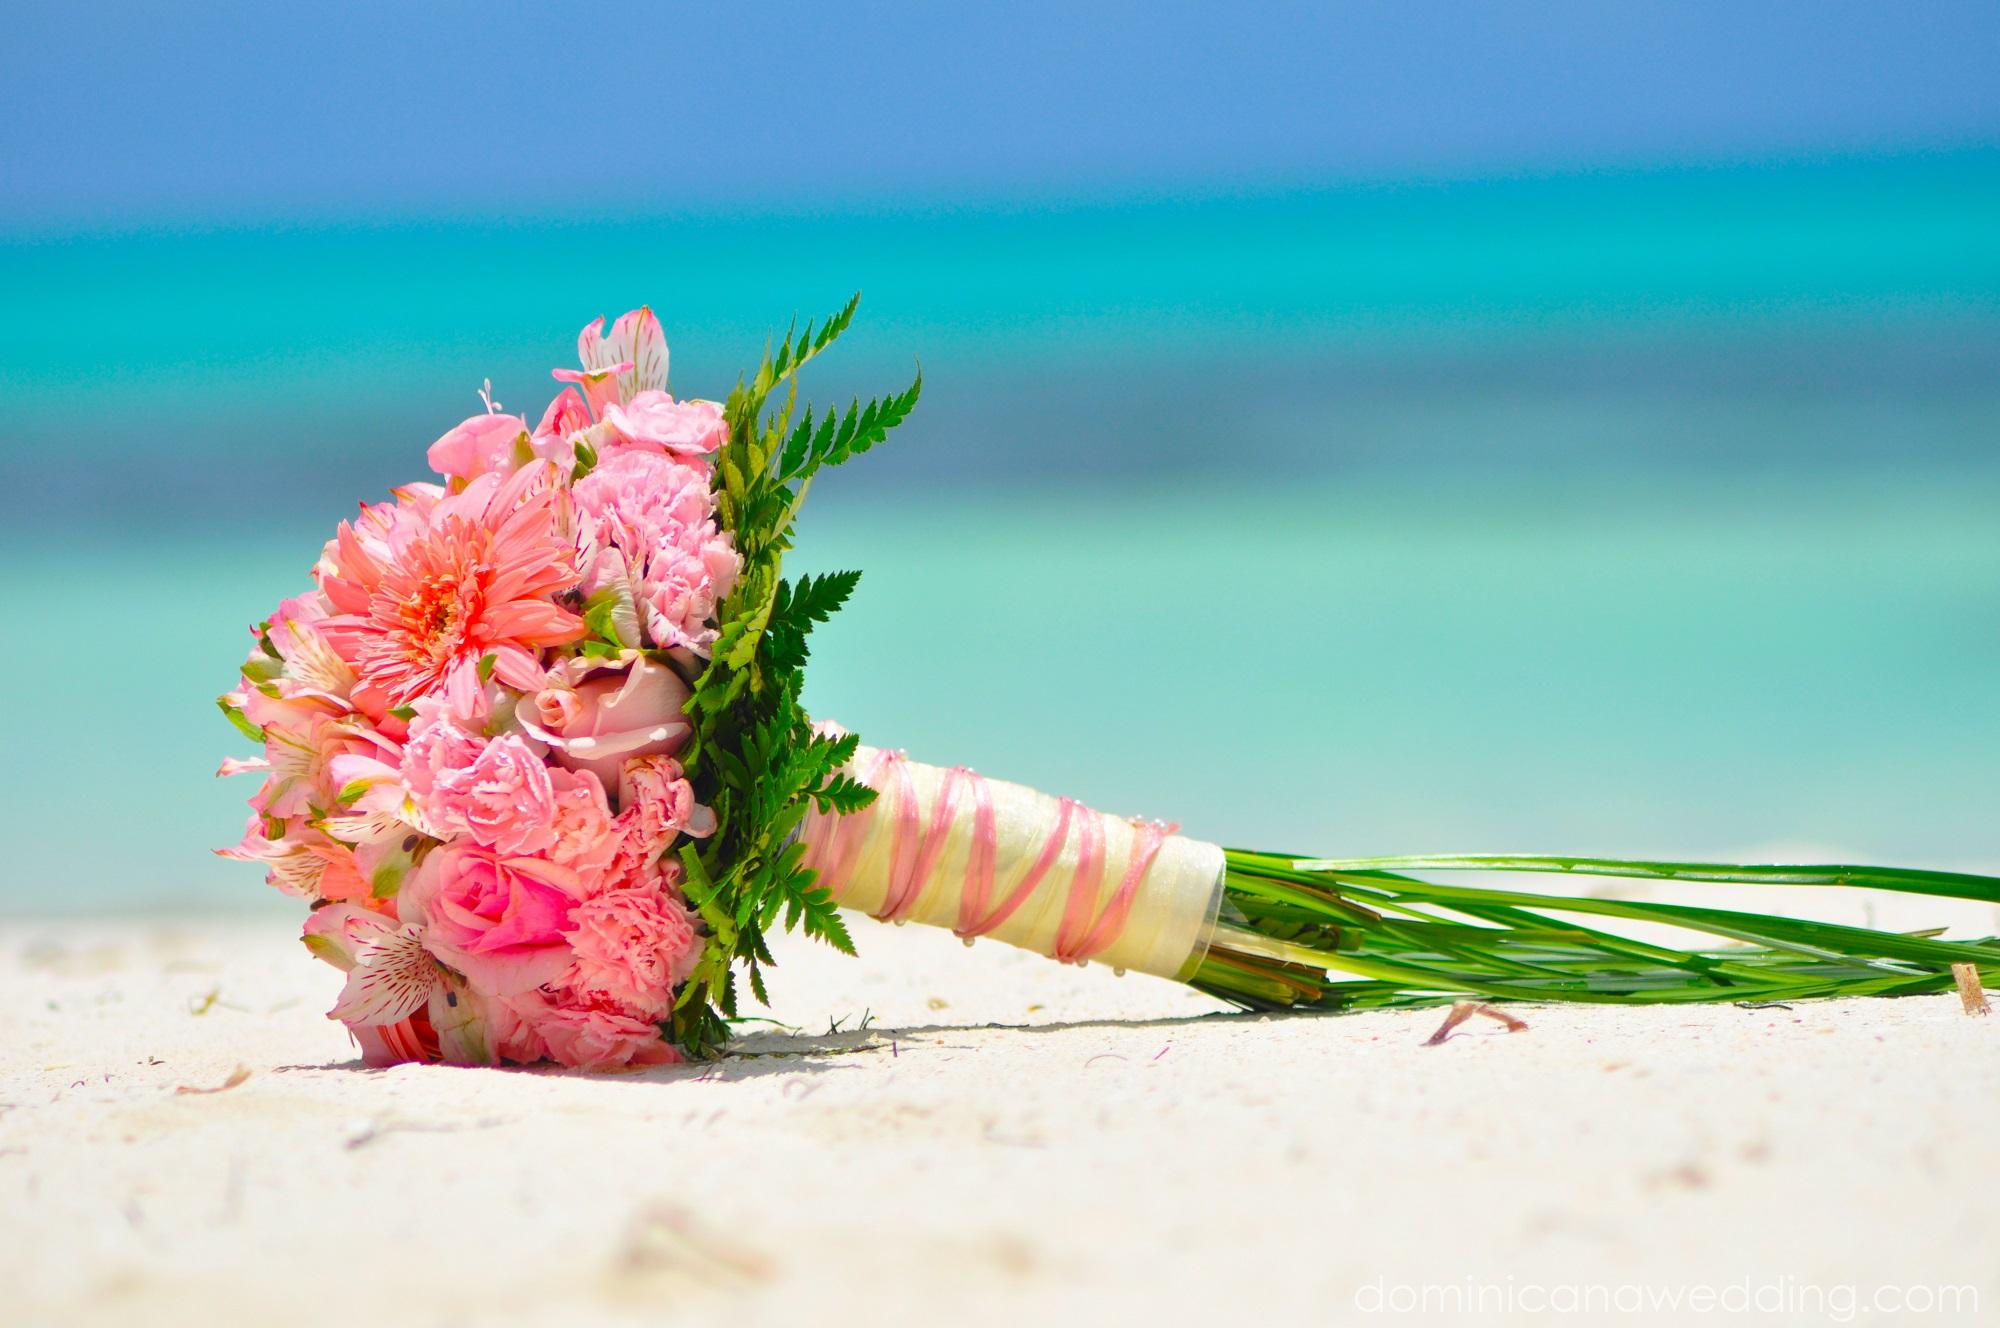 советы том красивые картинки с днем рождения с морем и цветами смерти маленького